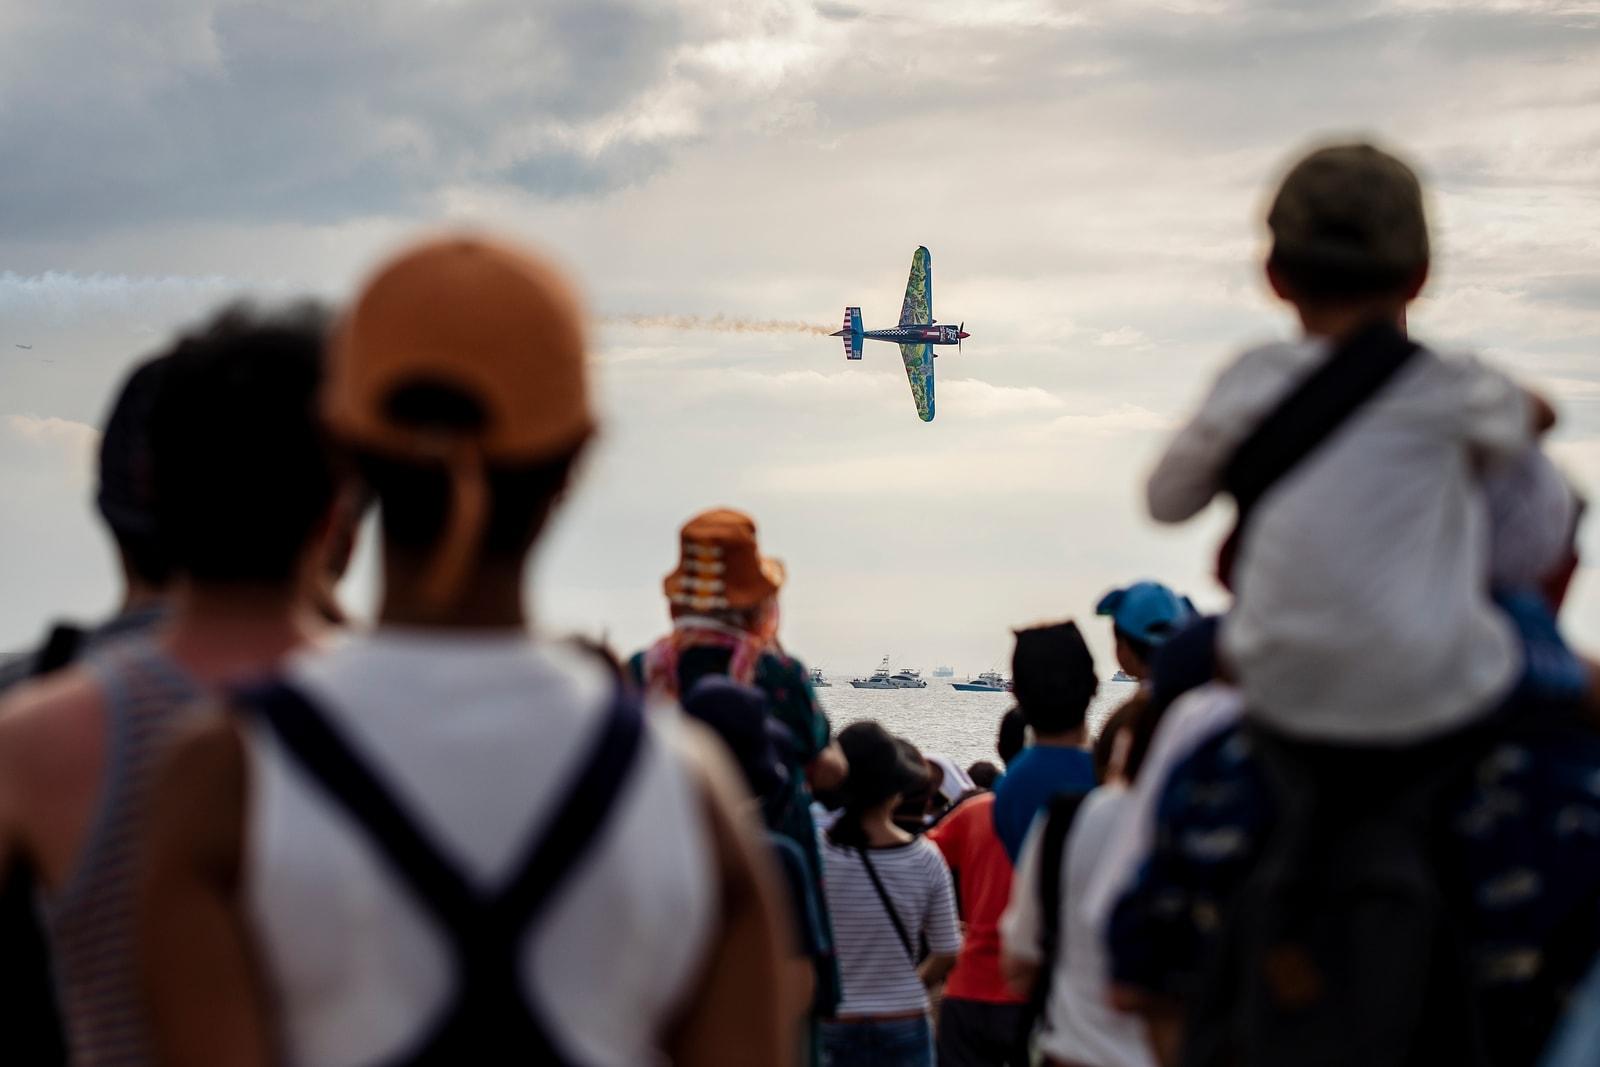 Red Bull Air Race World Championship 2019 レッドブル エアレース 日本 千葉 室屋義秀 マットホール chiba japan muroya yoshihide matt hall